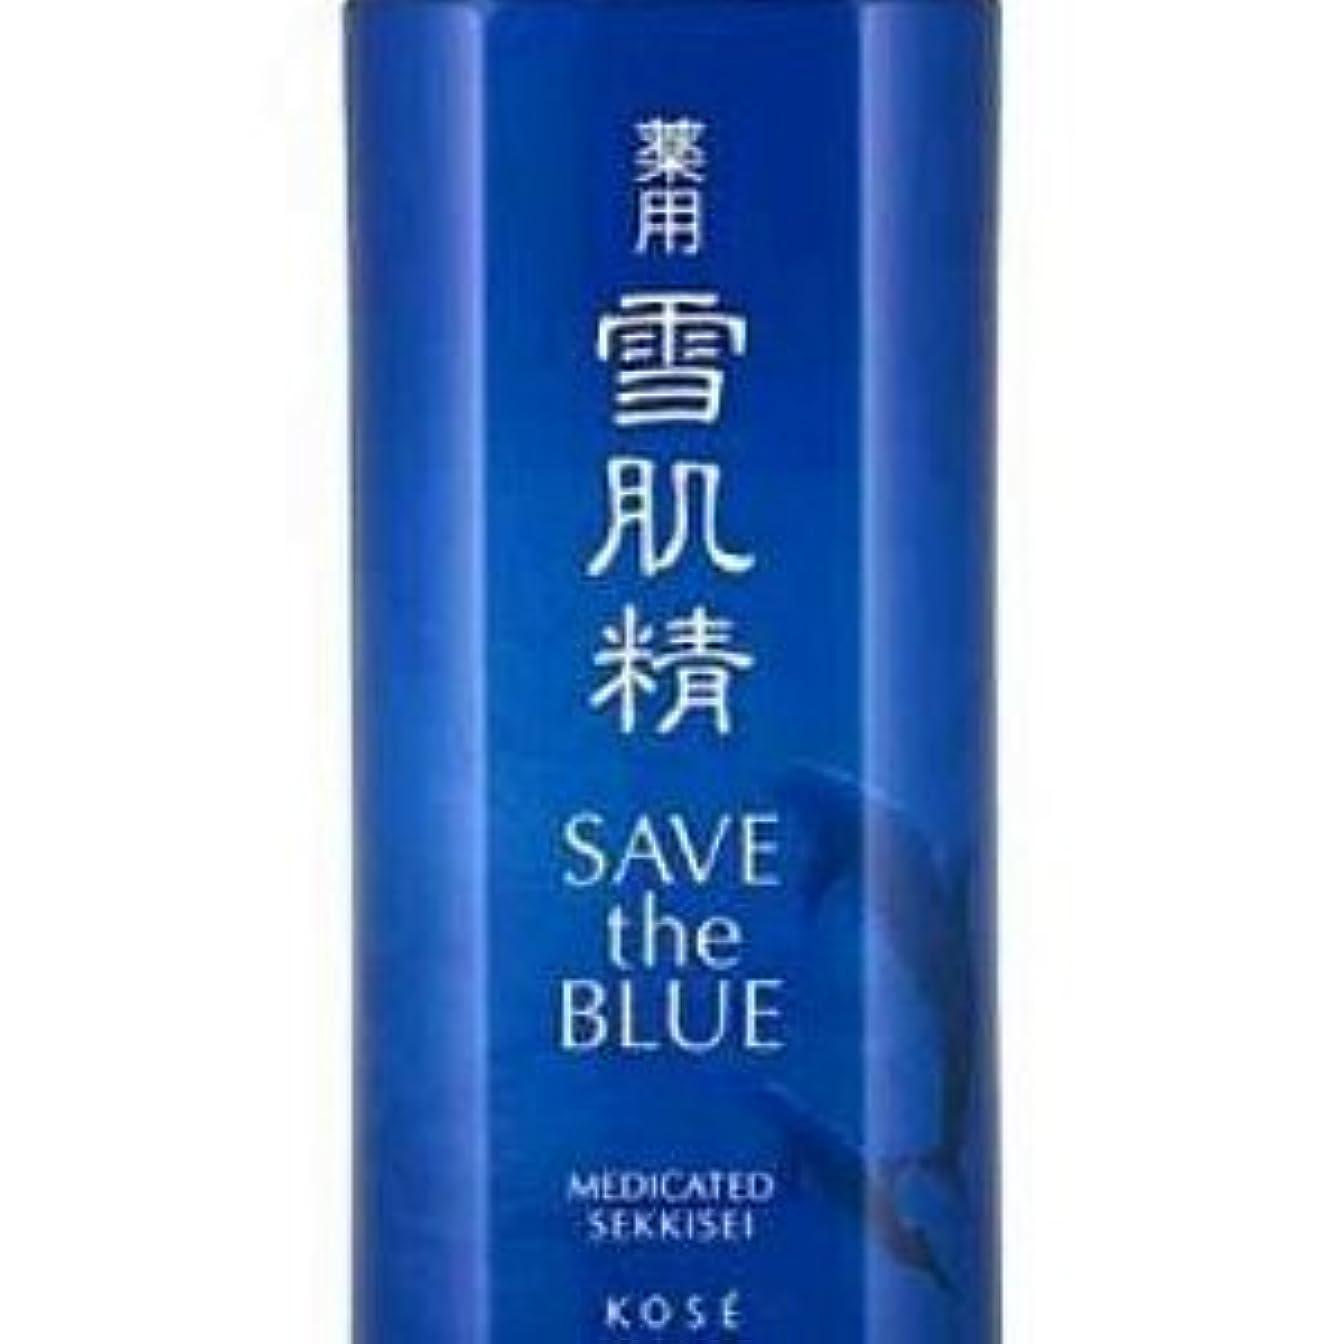 摂氏ラビリンスチャームコーセー 薬用雪肌精 化粧水 ディスペンサー付限定ボトル 500ml アウトレット